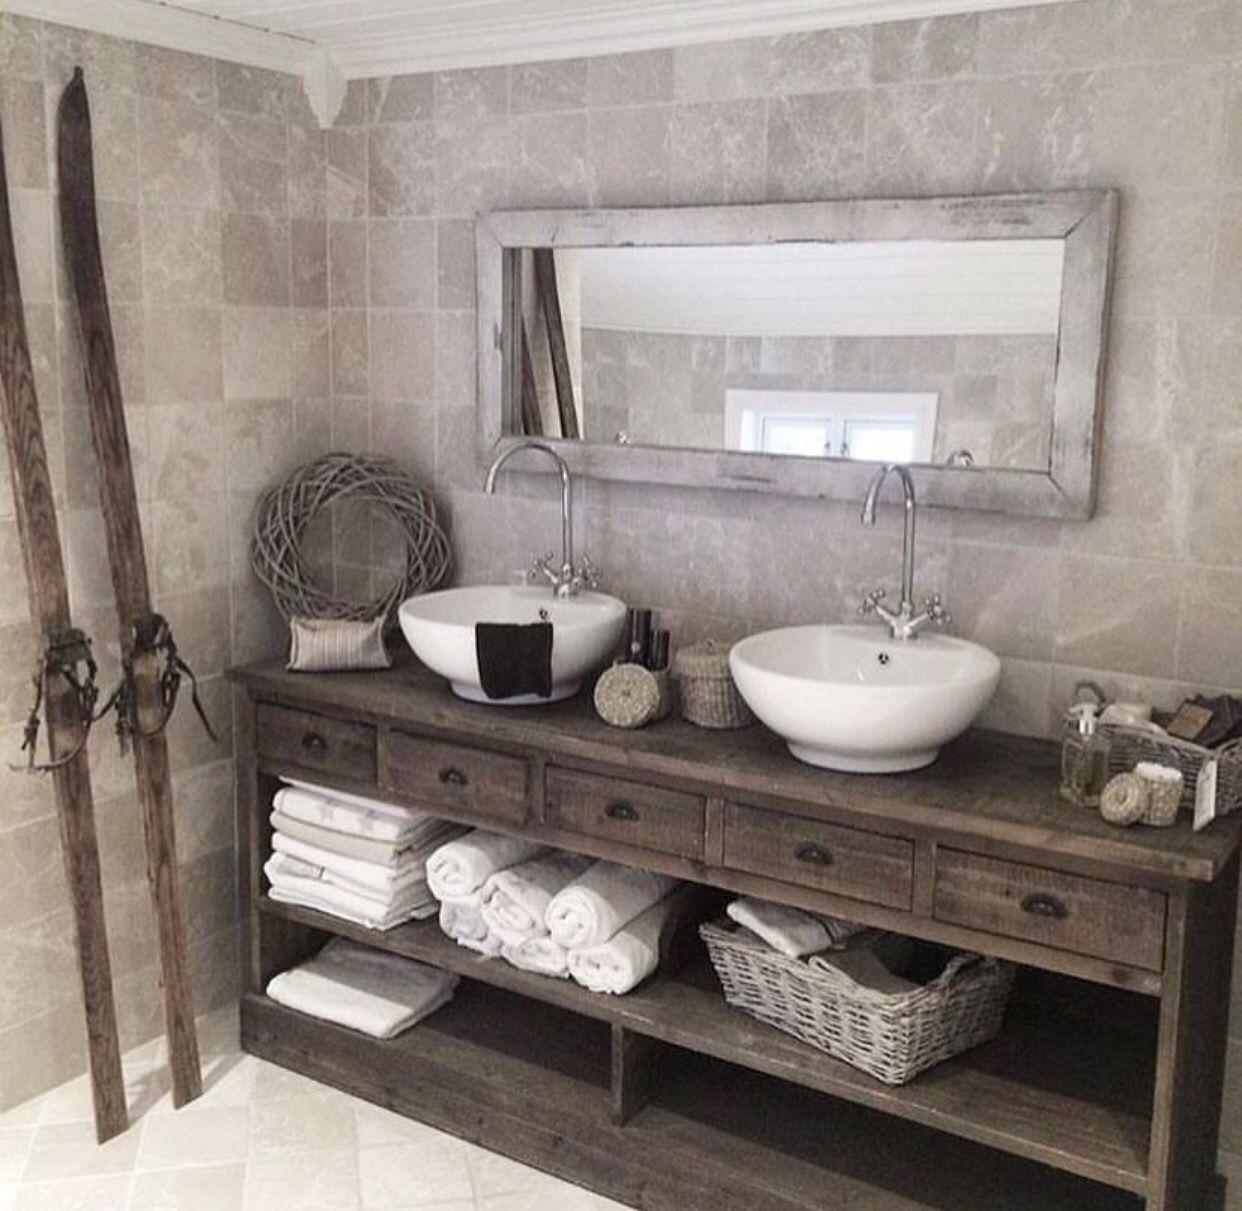 Pin di Franco Monelli su Bathrooms | Idee per il bagno ...